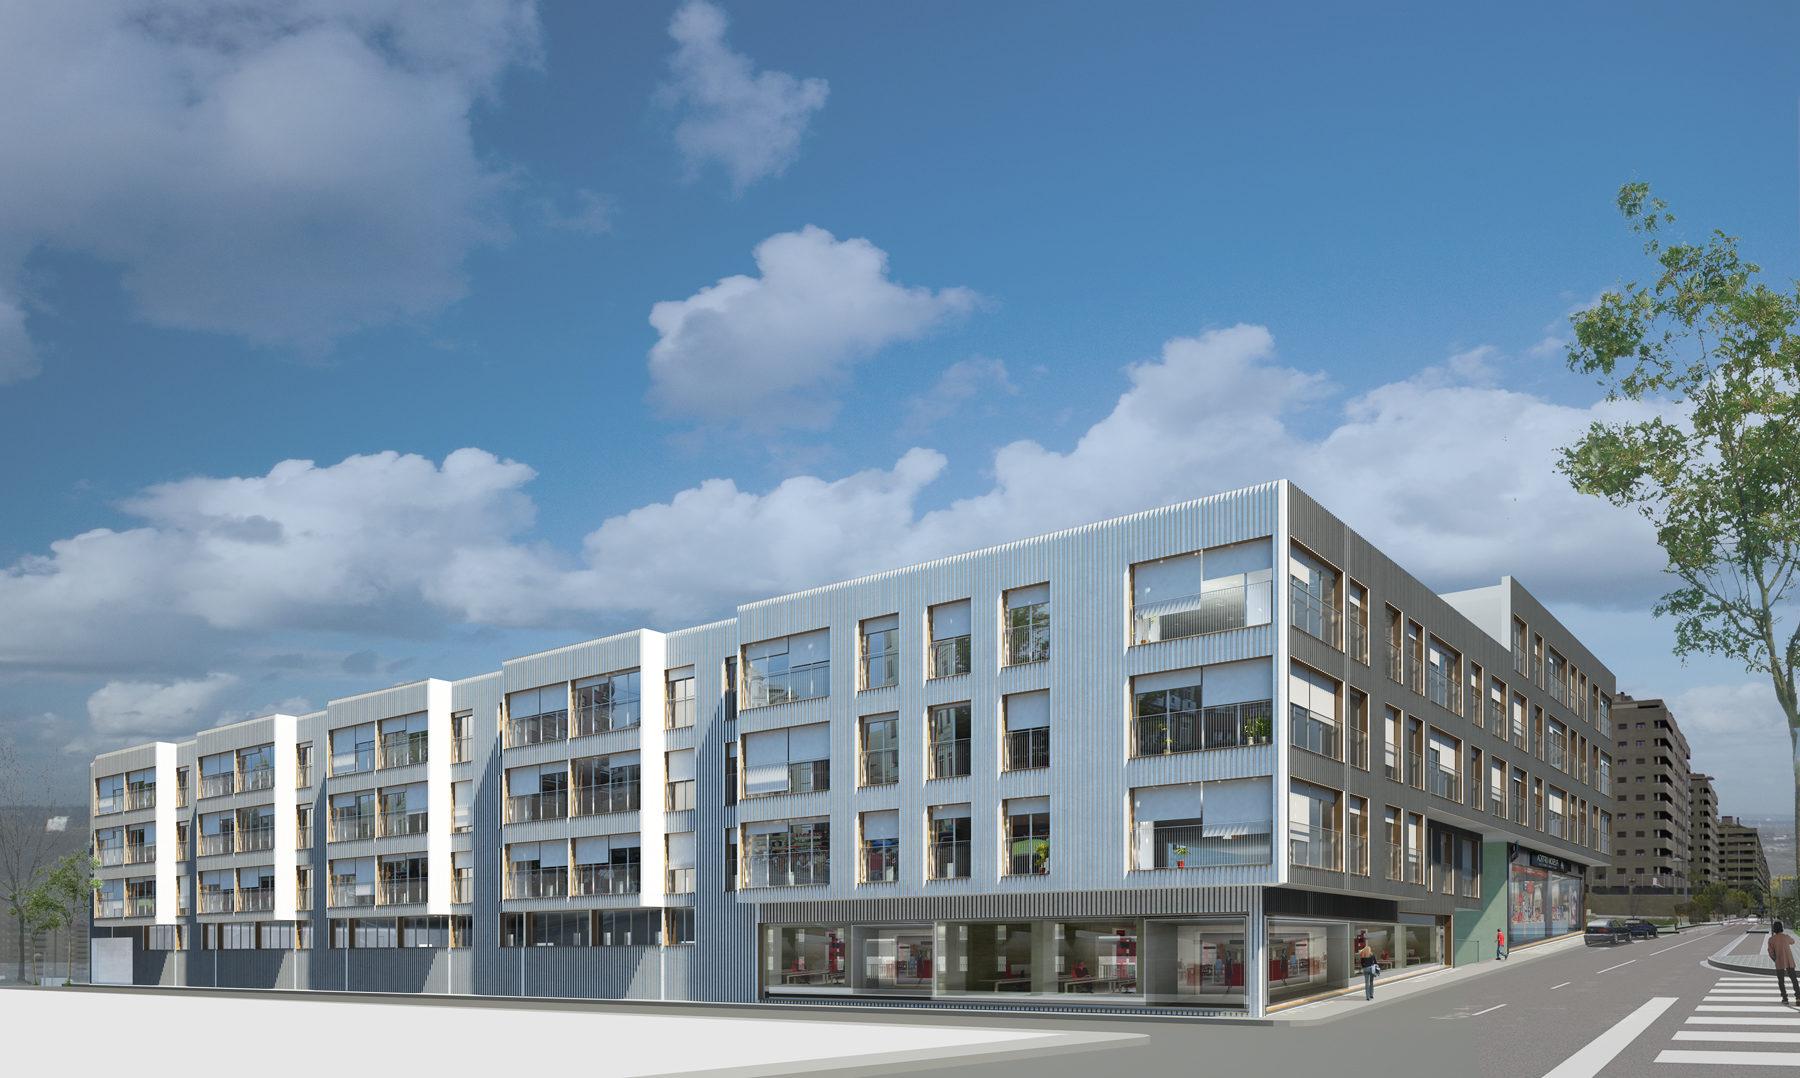 88 viviendas en lorca 88 housing in lorca cor asociados - Arquitectos lorca ...